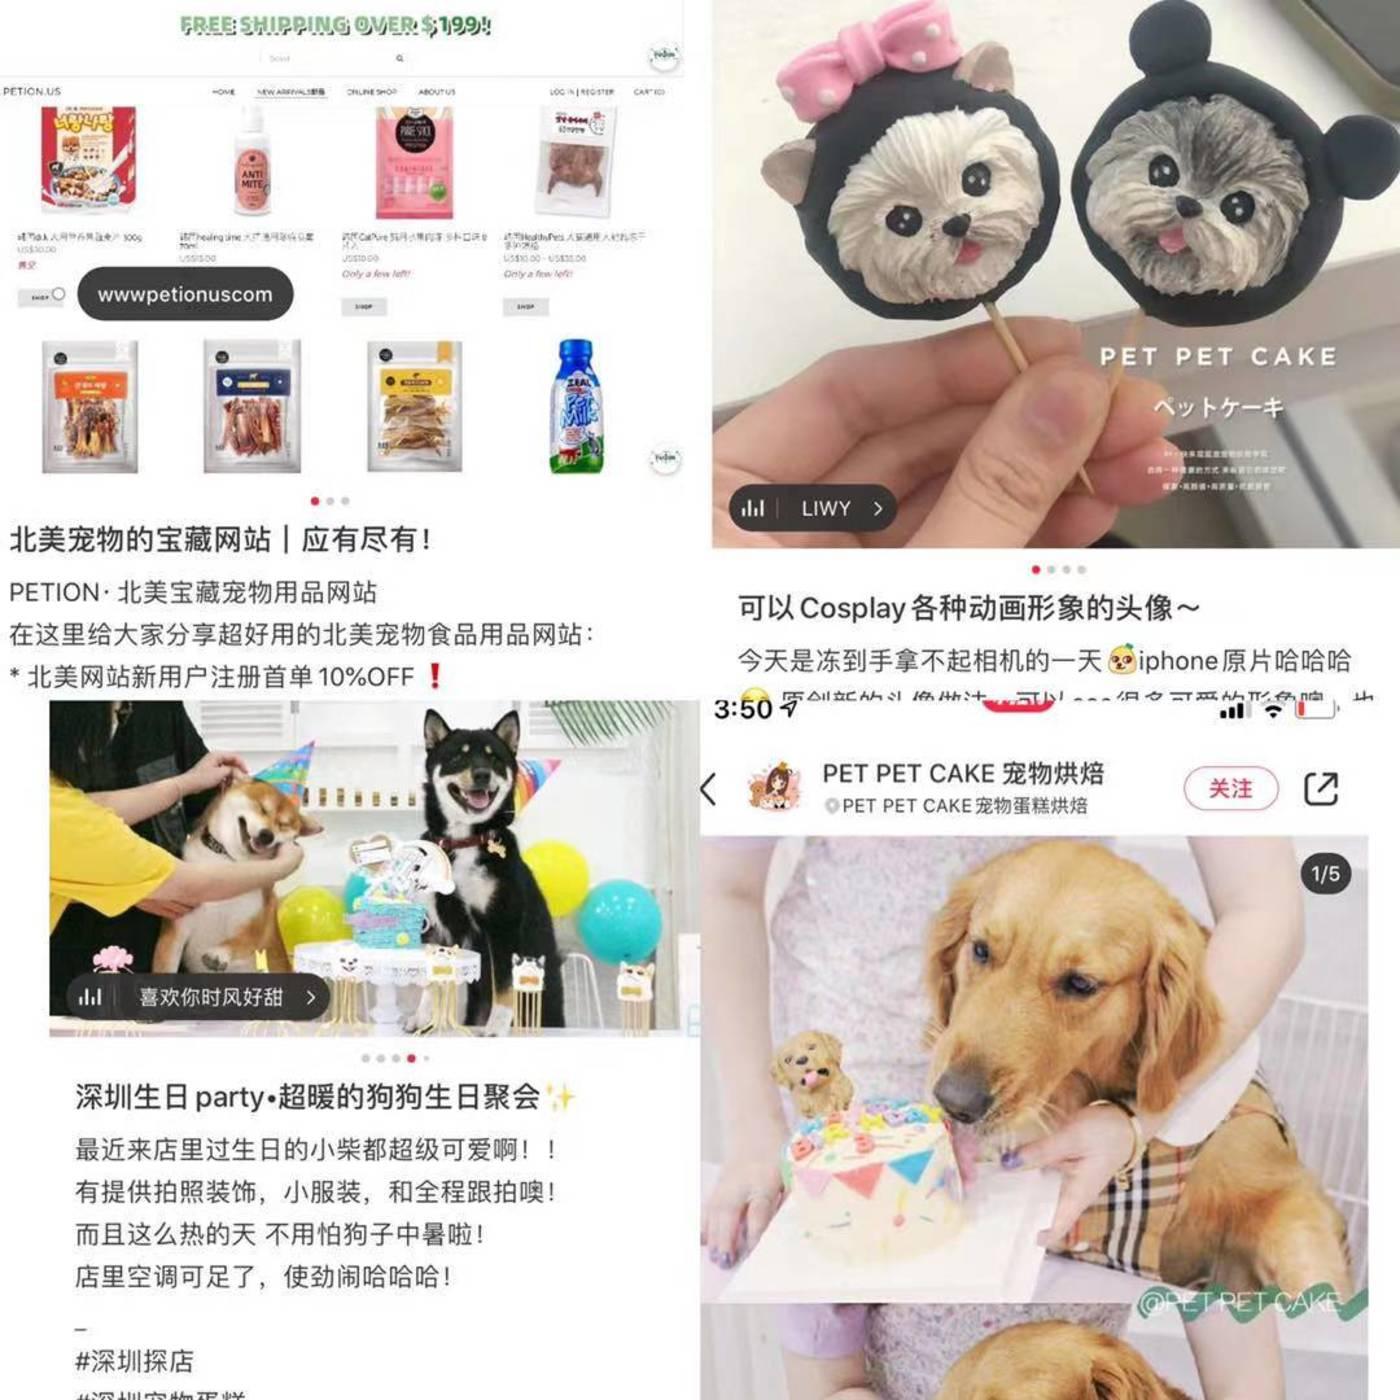 社交媒体上有关宠物食品的讨论异常丰富